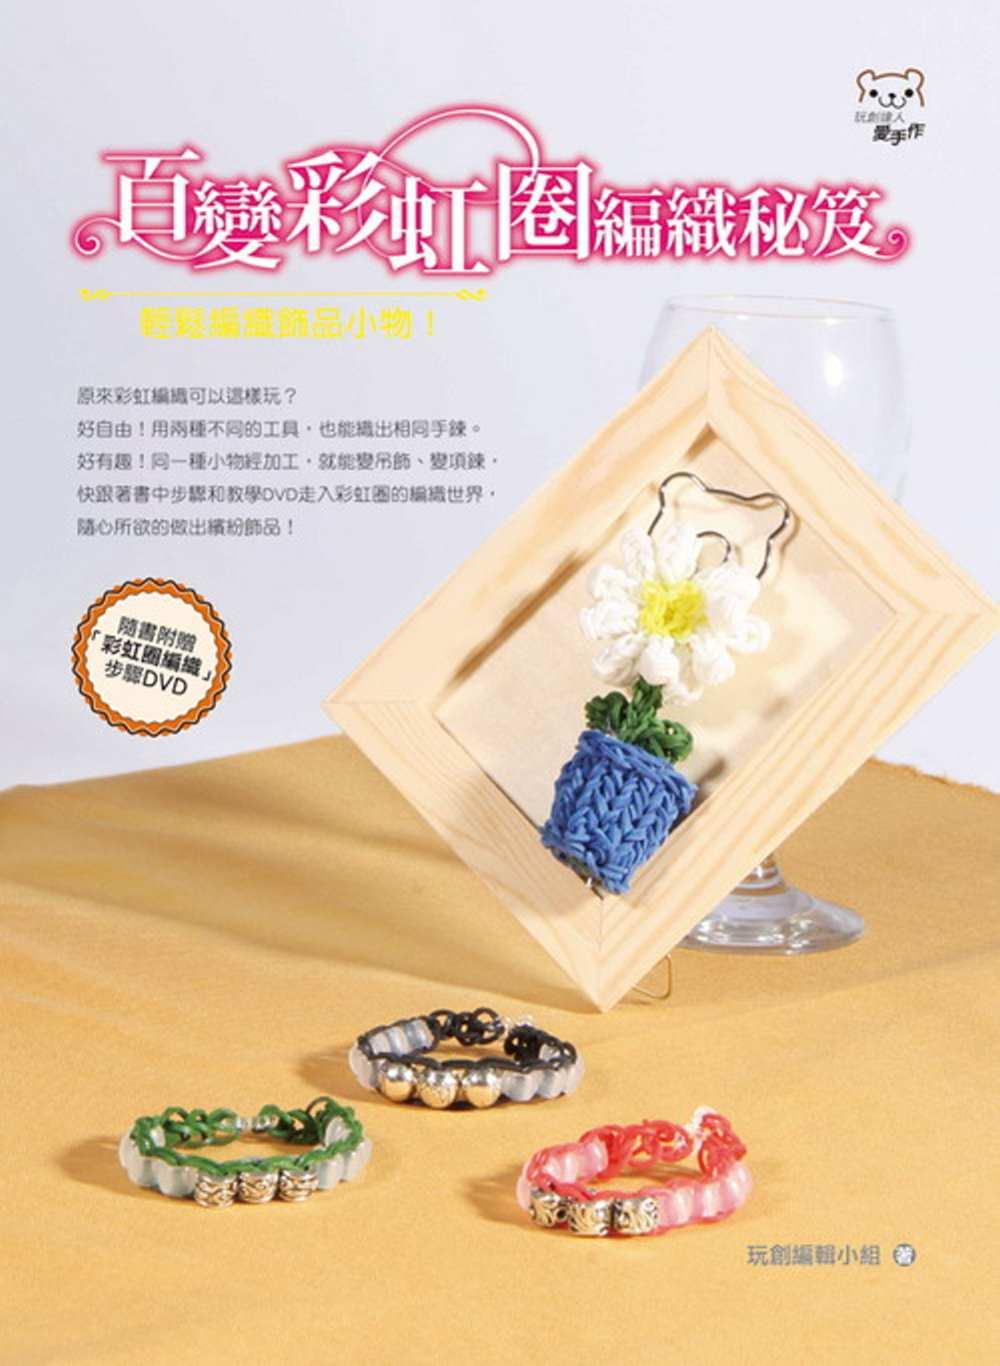 百變彩虹圈編織秘笈:輕鬆編織飾品小物^!^(書 DVD^)